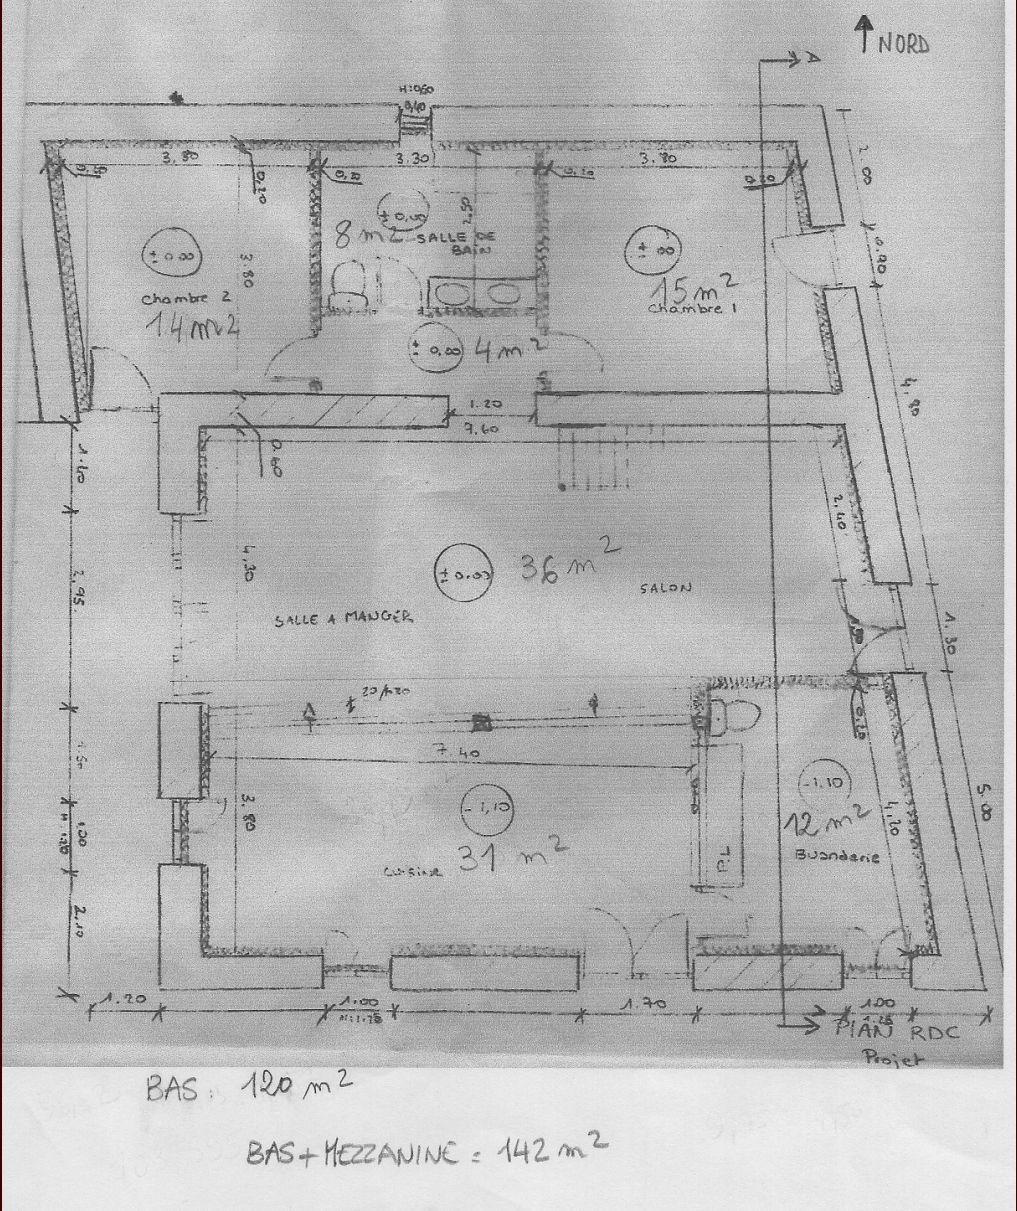 Plan effectué par les anciens propriétaires, que nous souhaitons modifier.